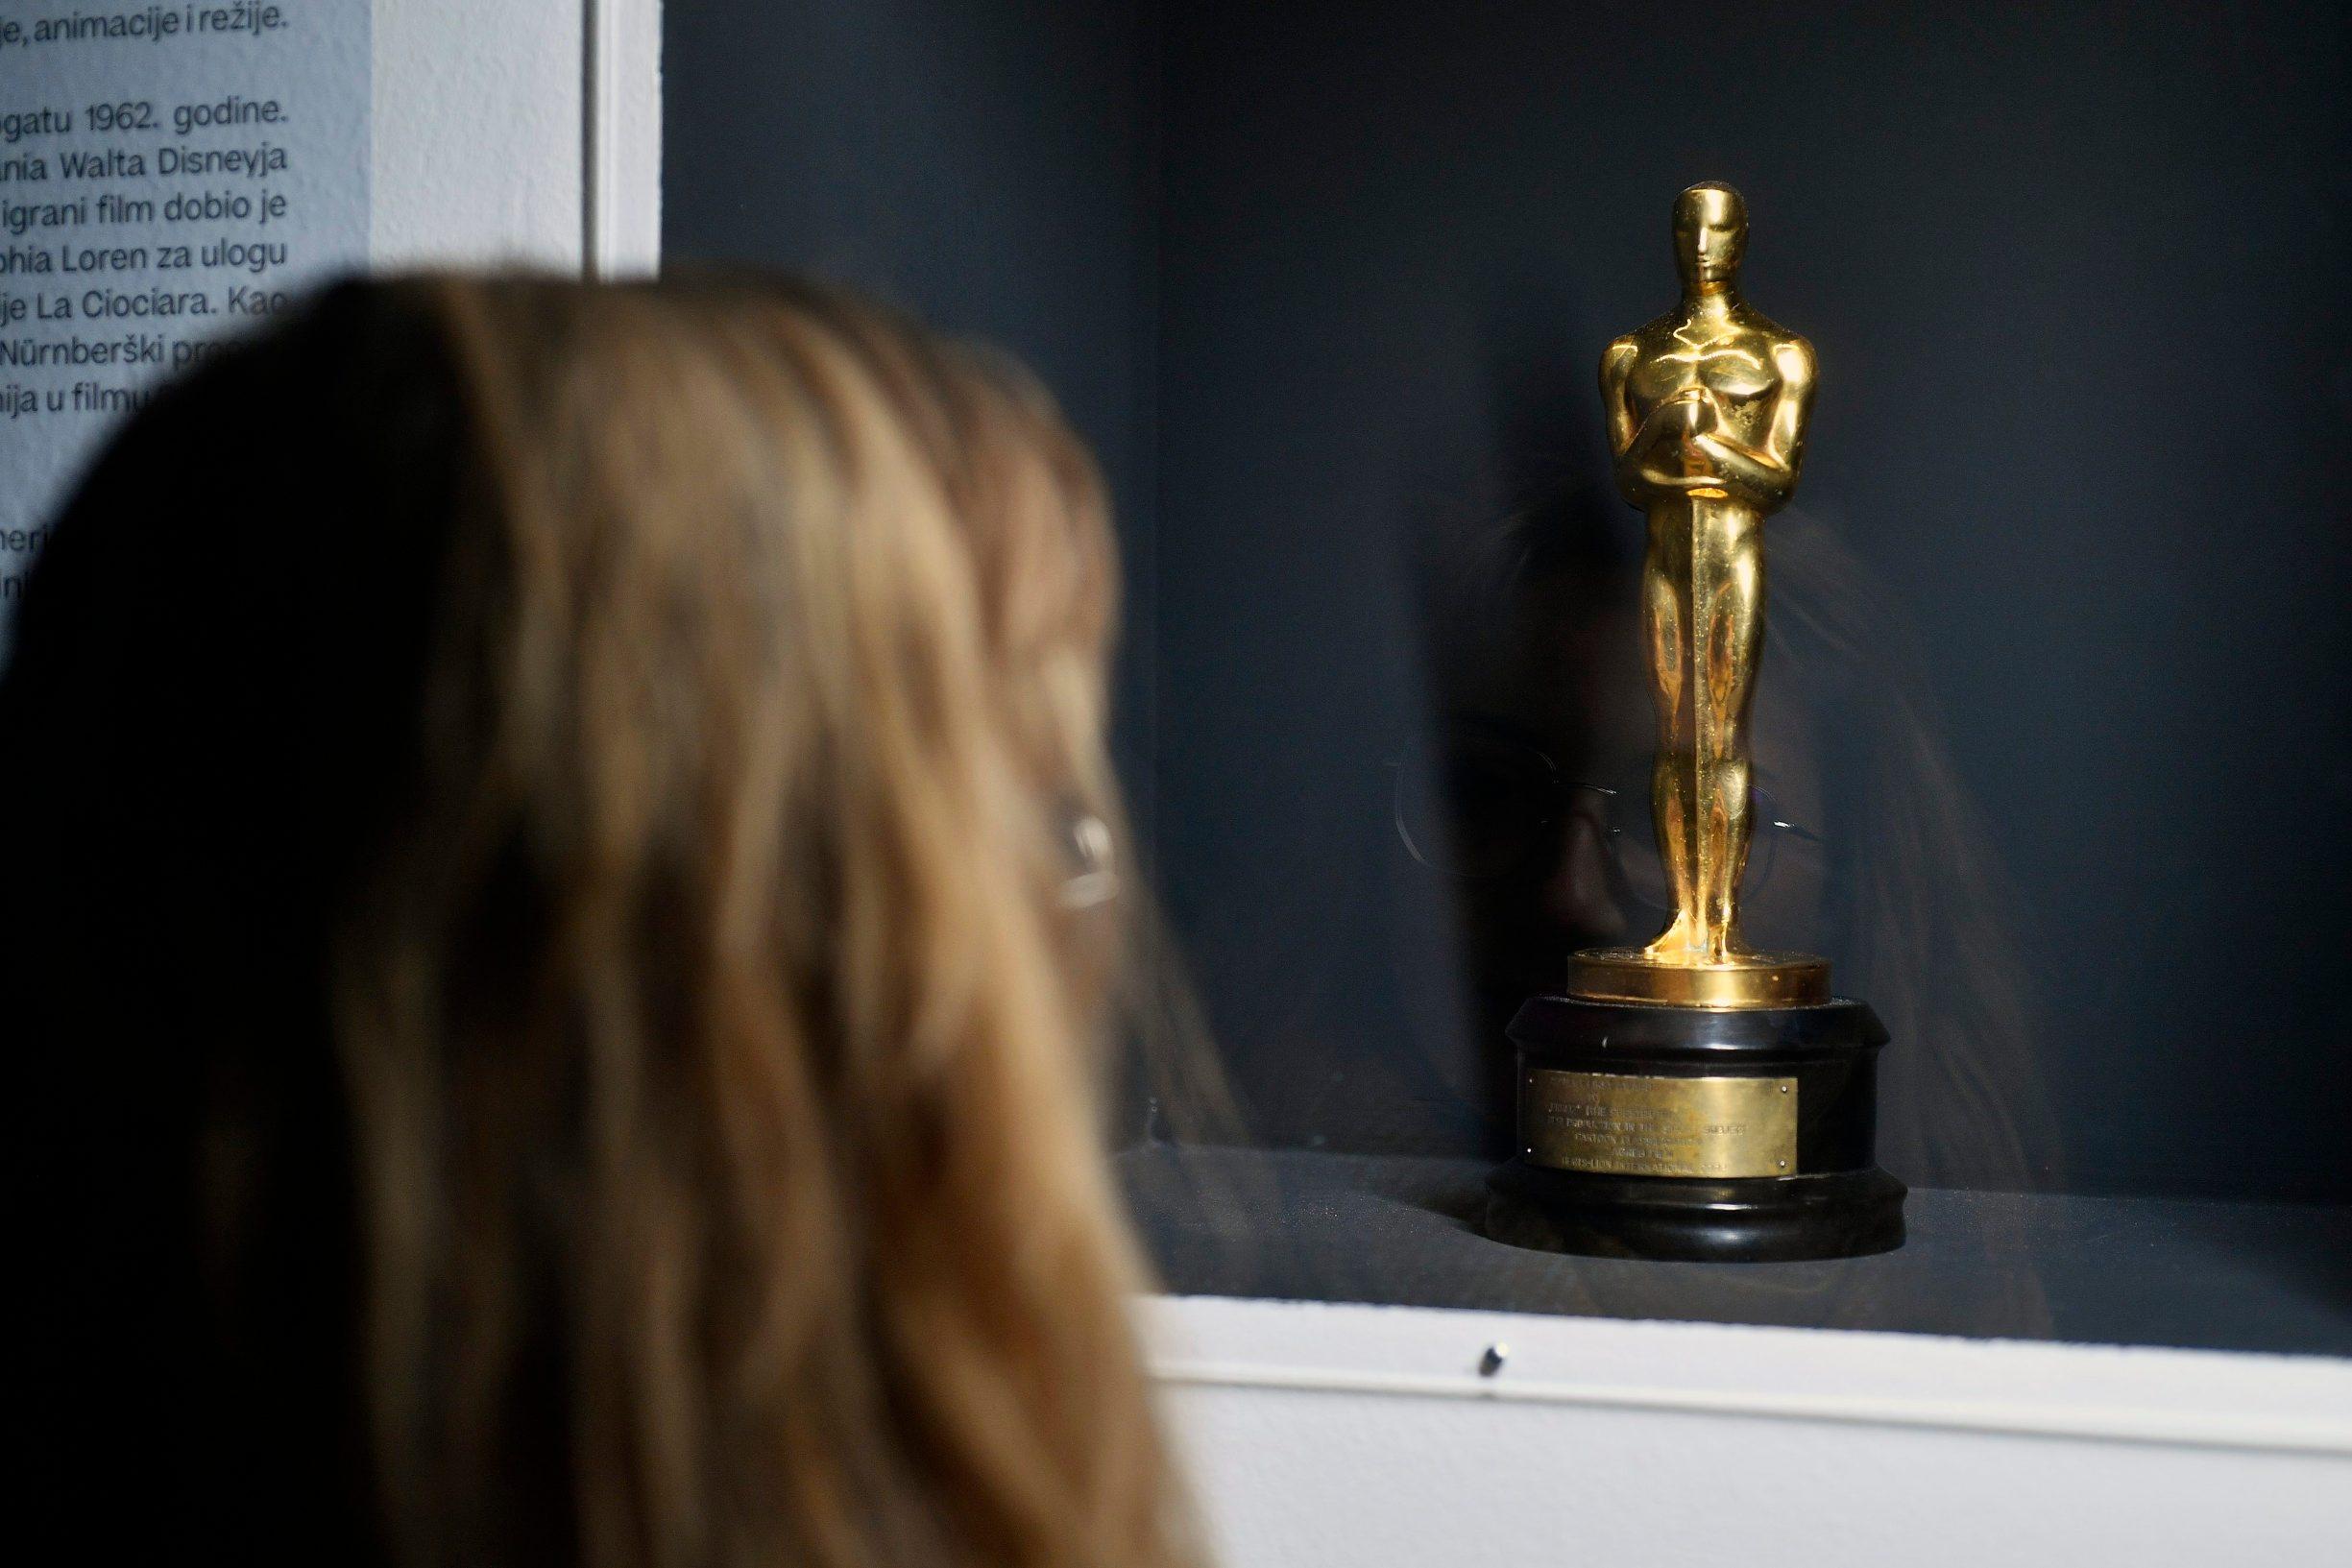 Kipić Oscar kojim je nagrađen Surogat, izložen u MSU